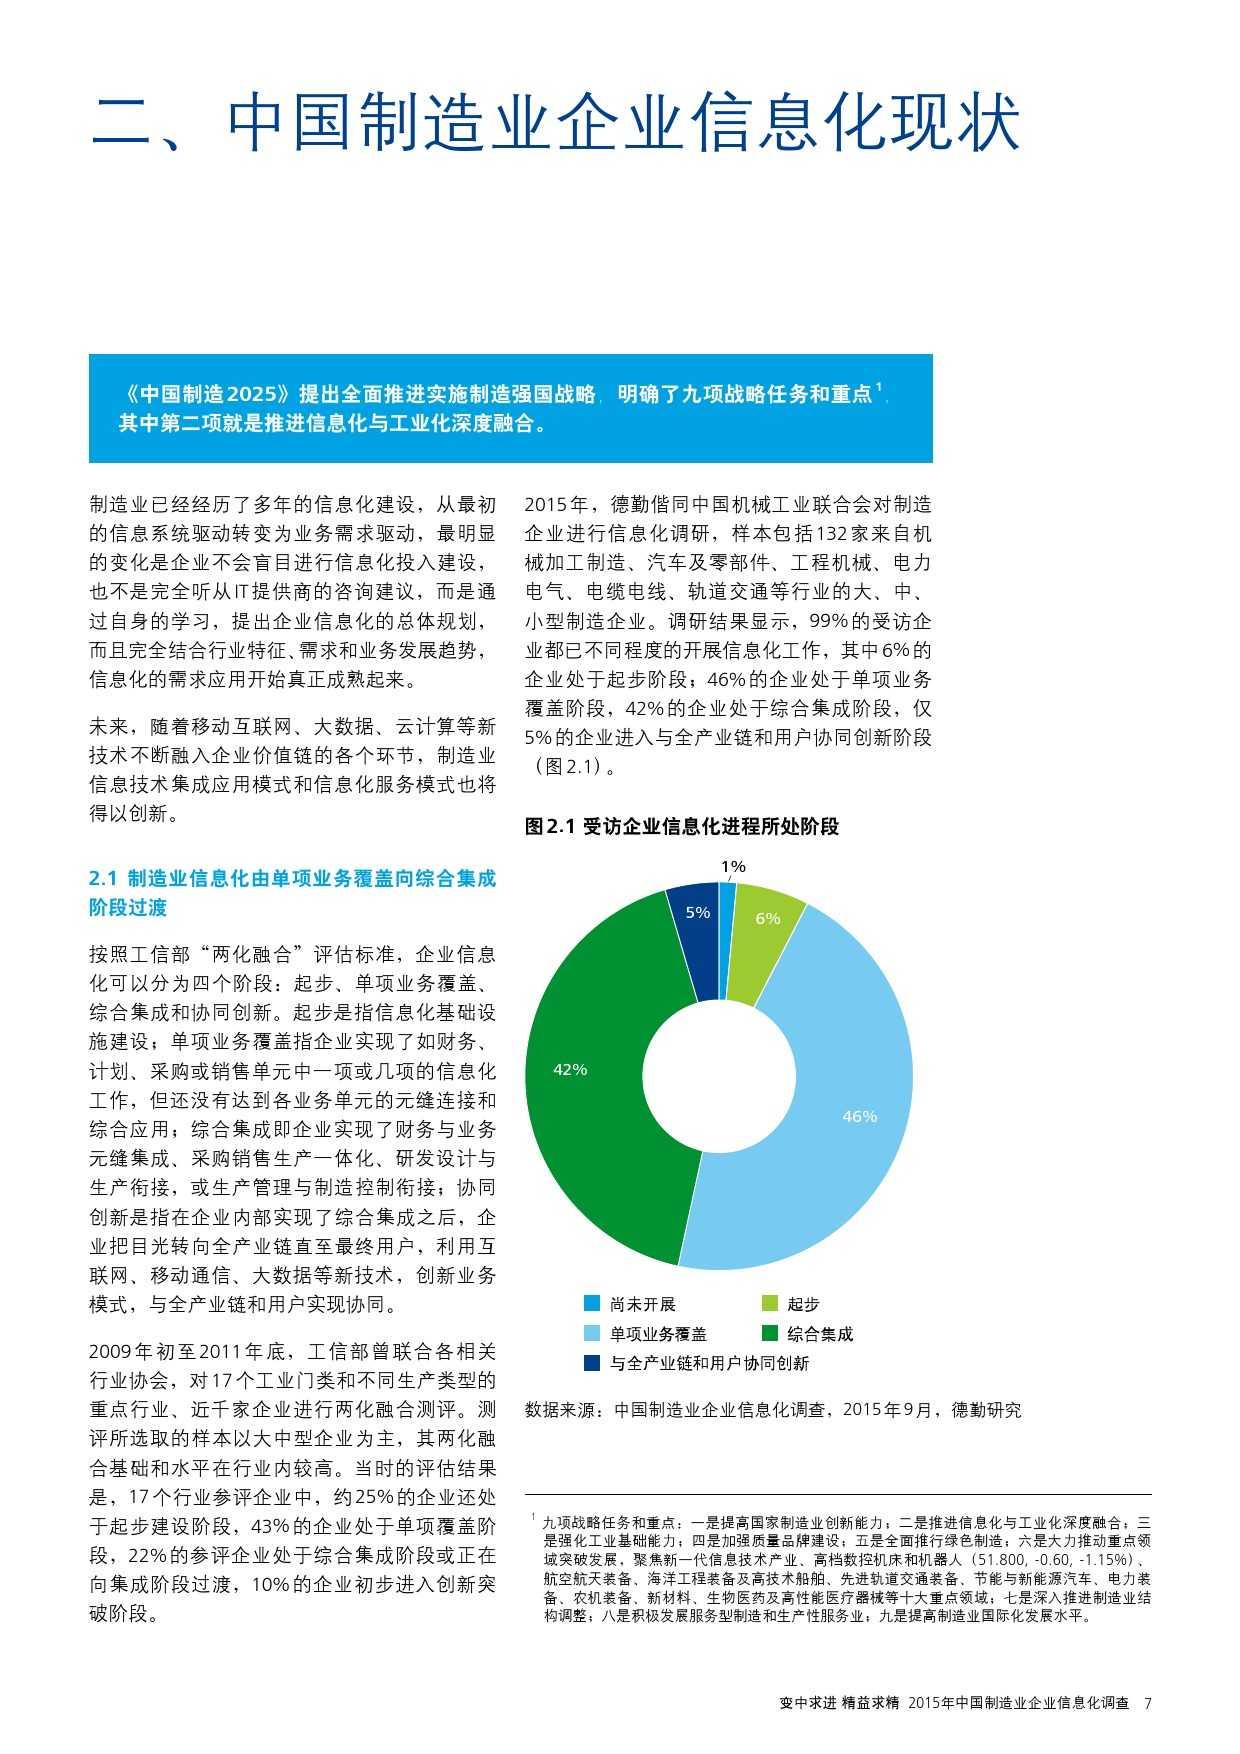 2015年中国制造业企业信息化调查_000009